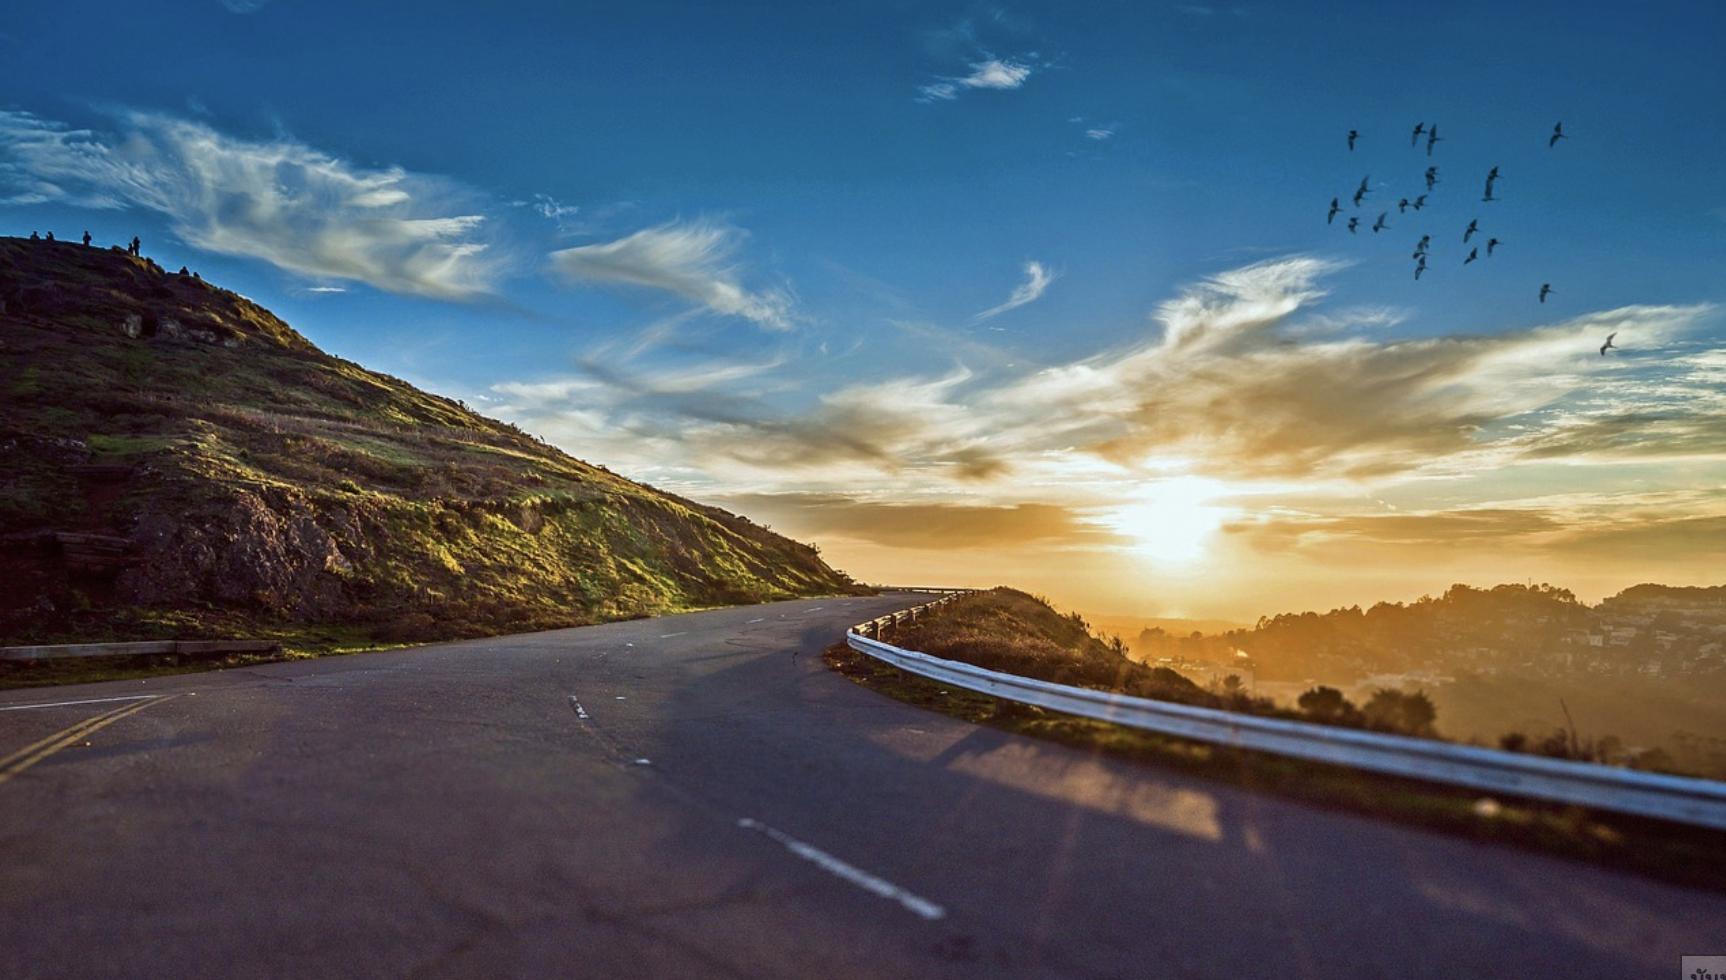 5 ความเข้าใจผิดของการ ขับรถเที่ยว- รถเช่าดีดี